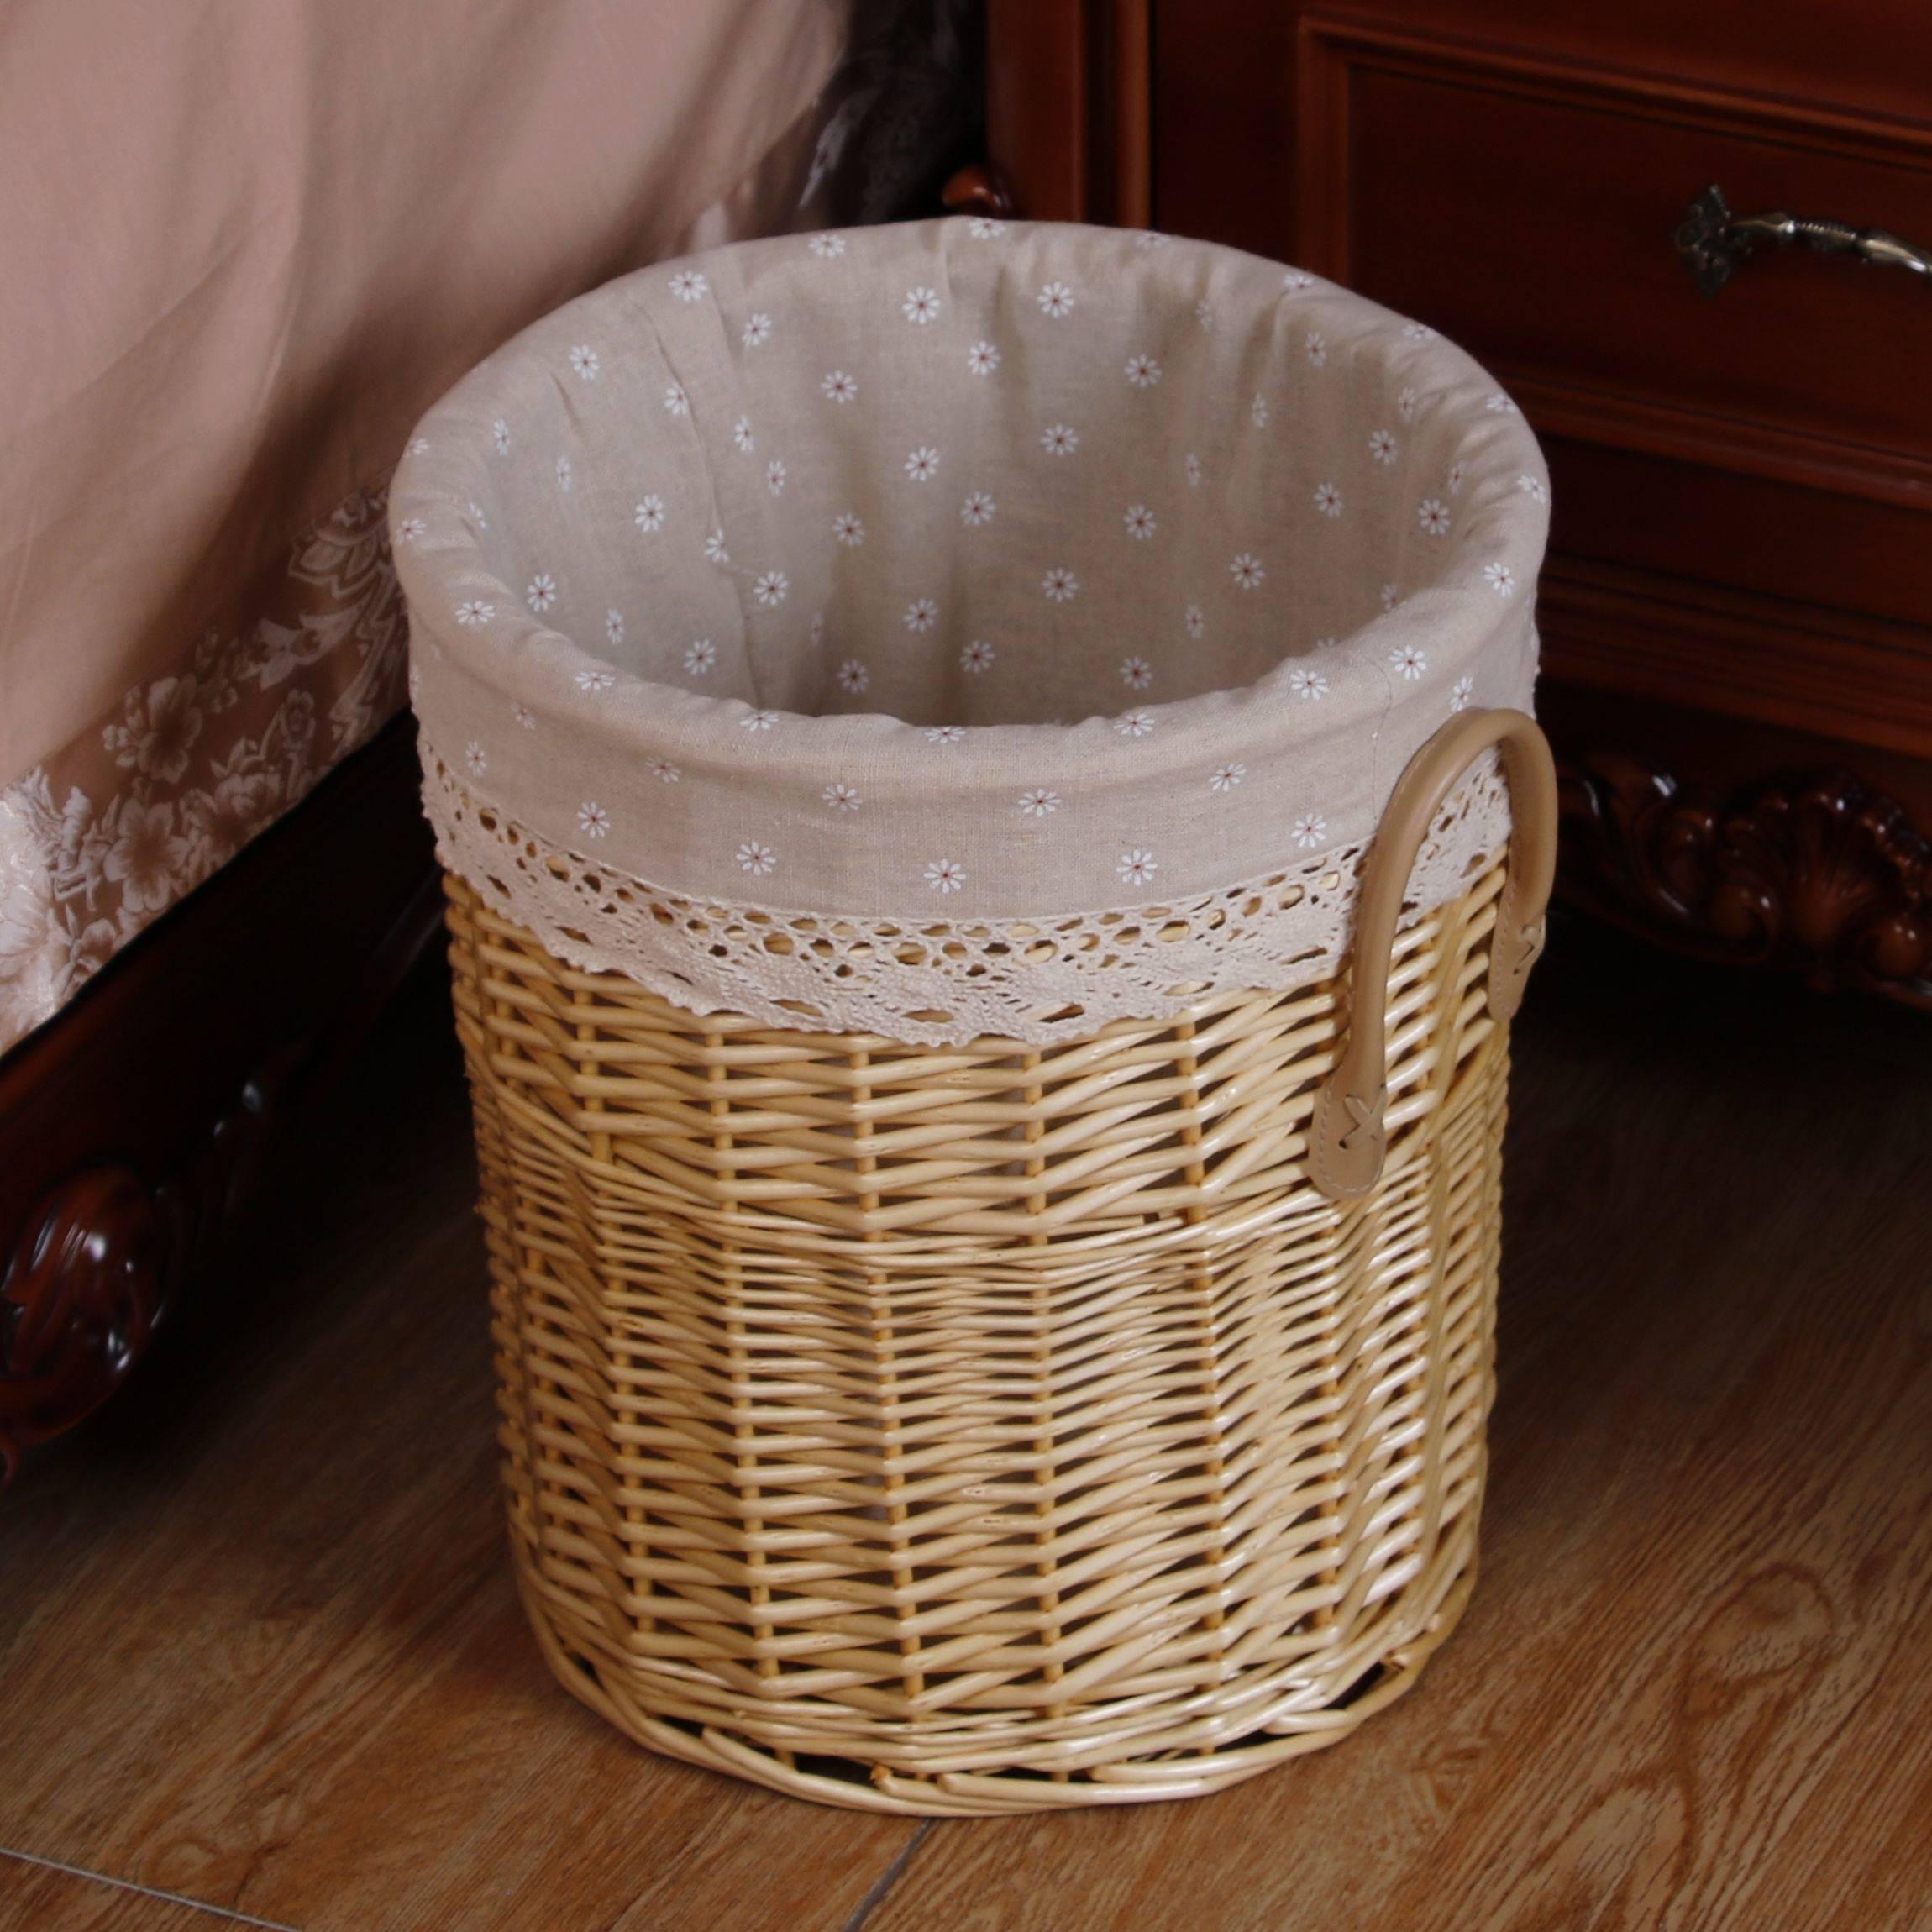 新商品の汚いかごの大きい藍子の洗濯かごは収めた藤を入れて服を編んでかごを収納します簡単に家庭用の枠を予約します。